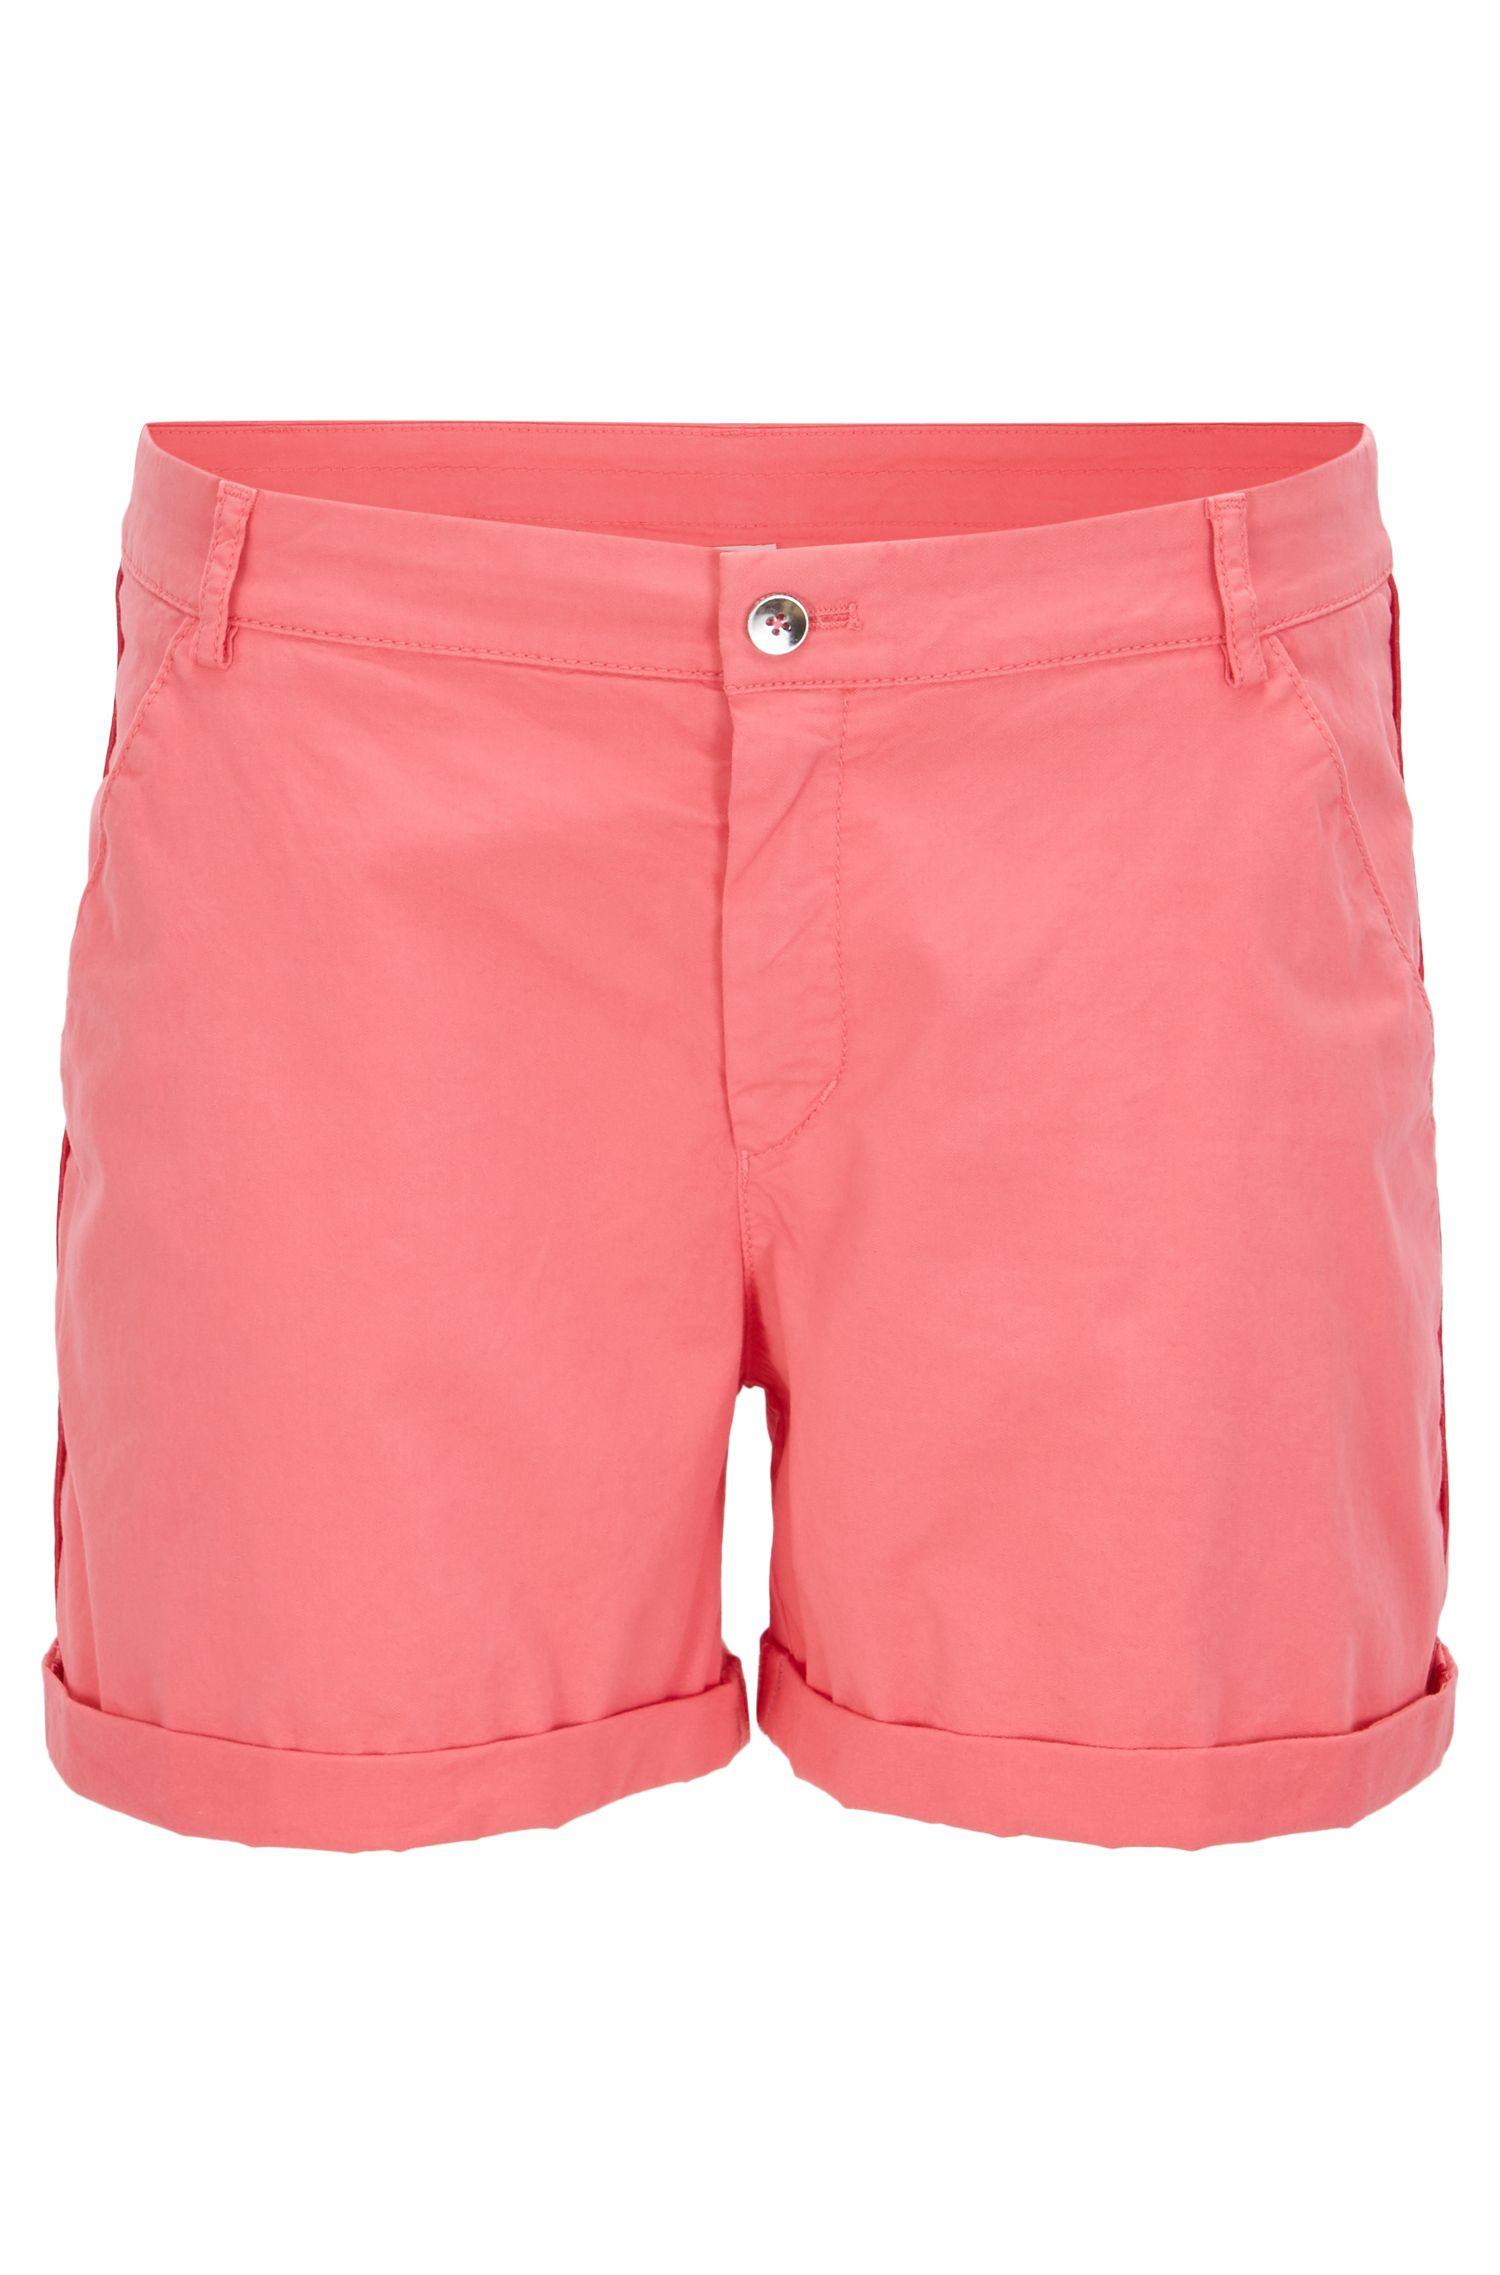 Relaxed-Fit Chino-Shorts aus elastischer Baumwolle